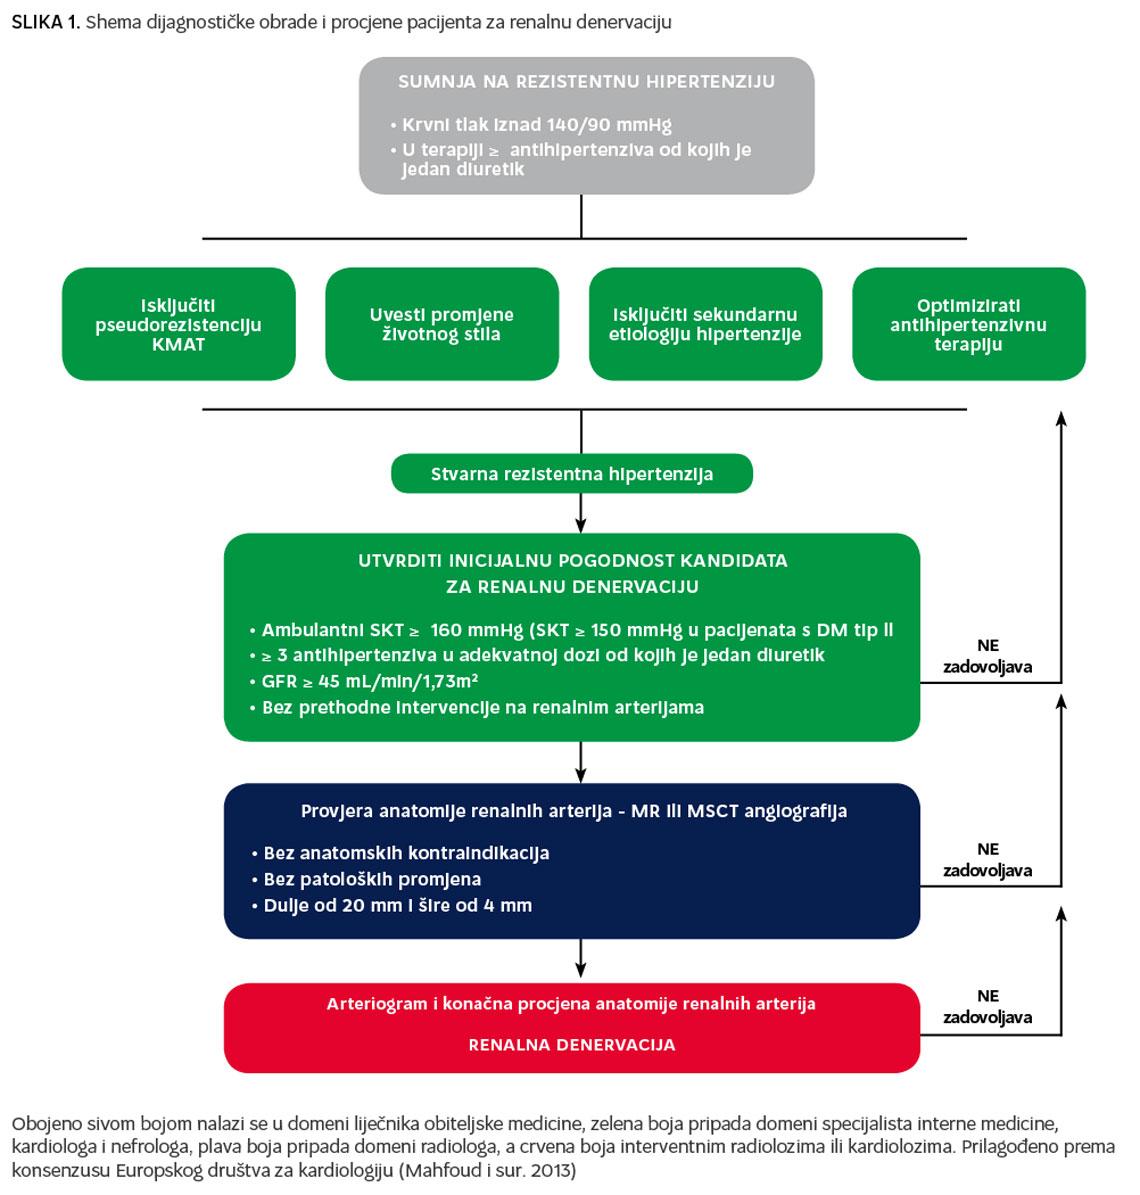 hipertenzije, inzulta, a liječenje